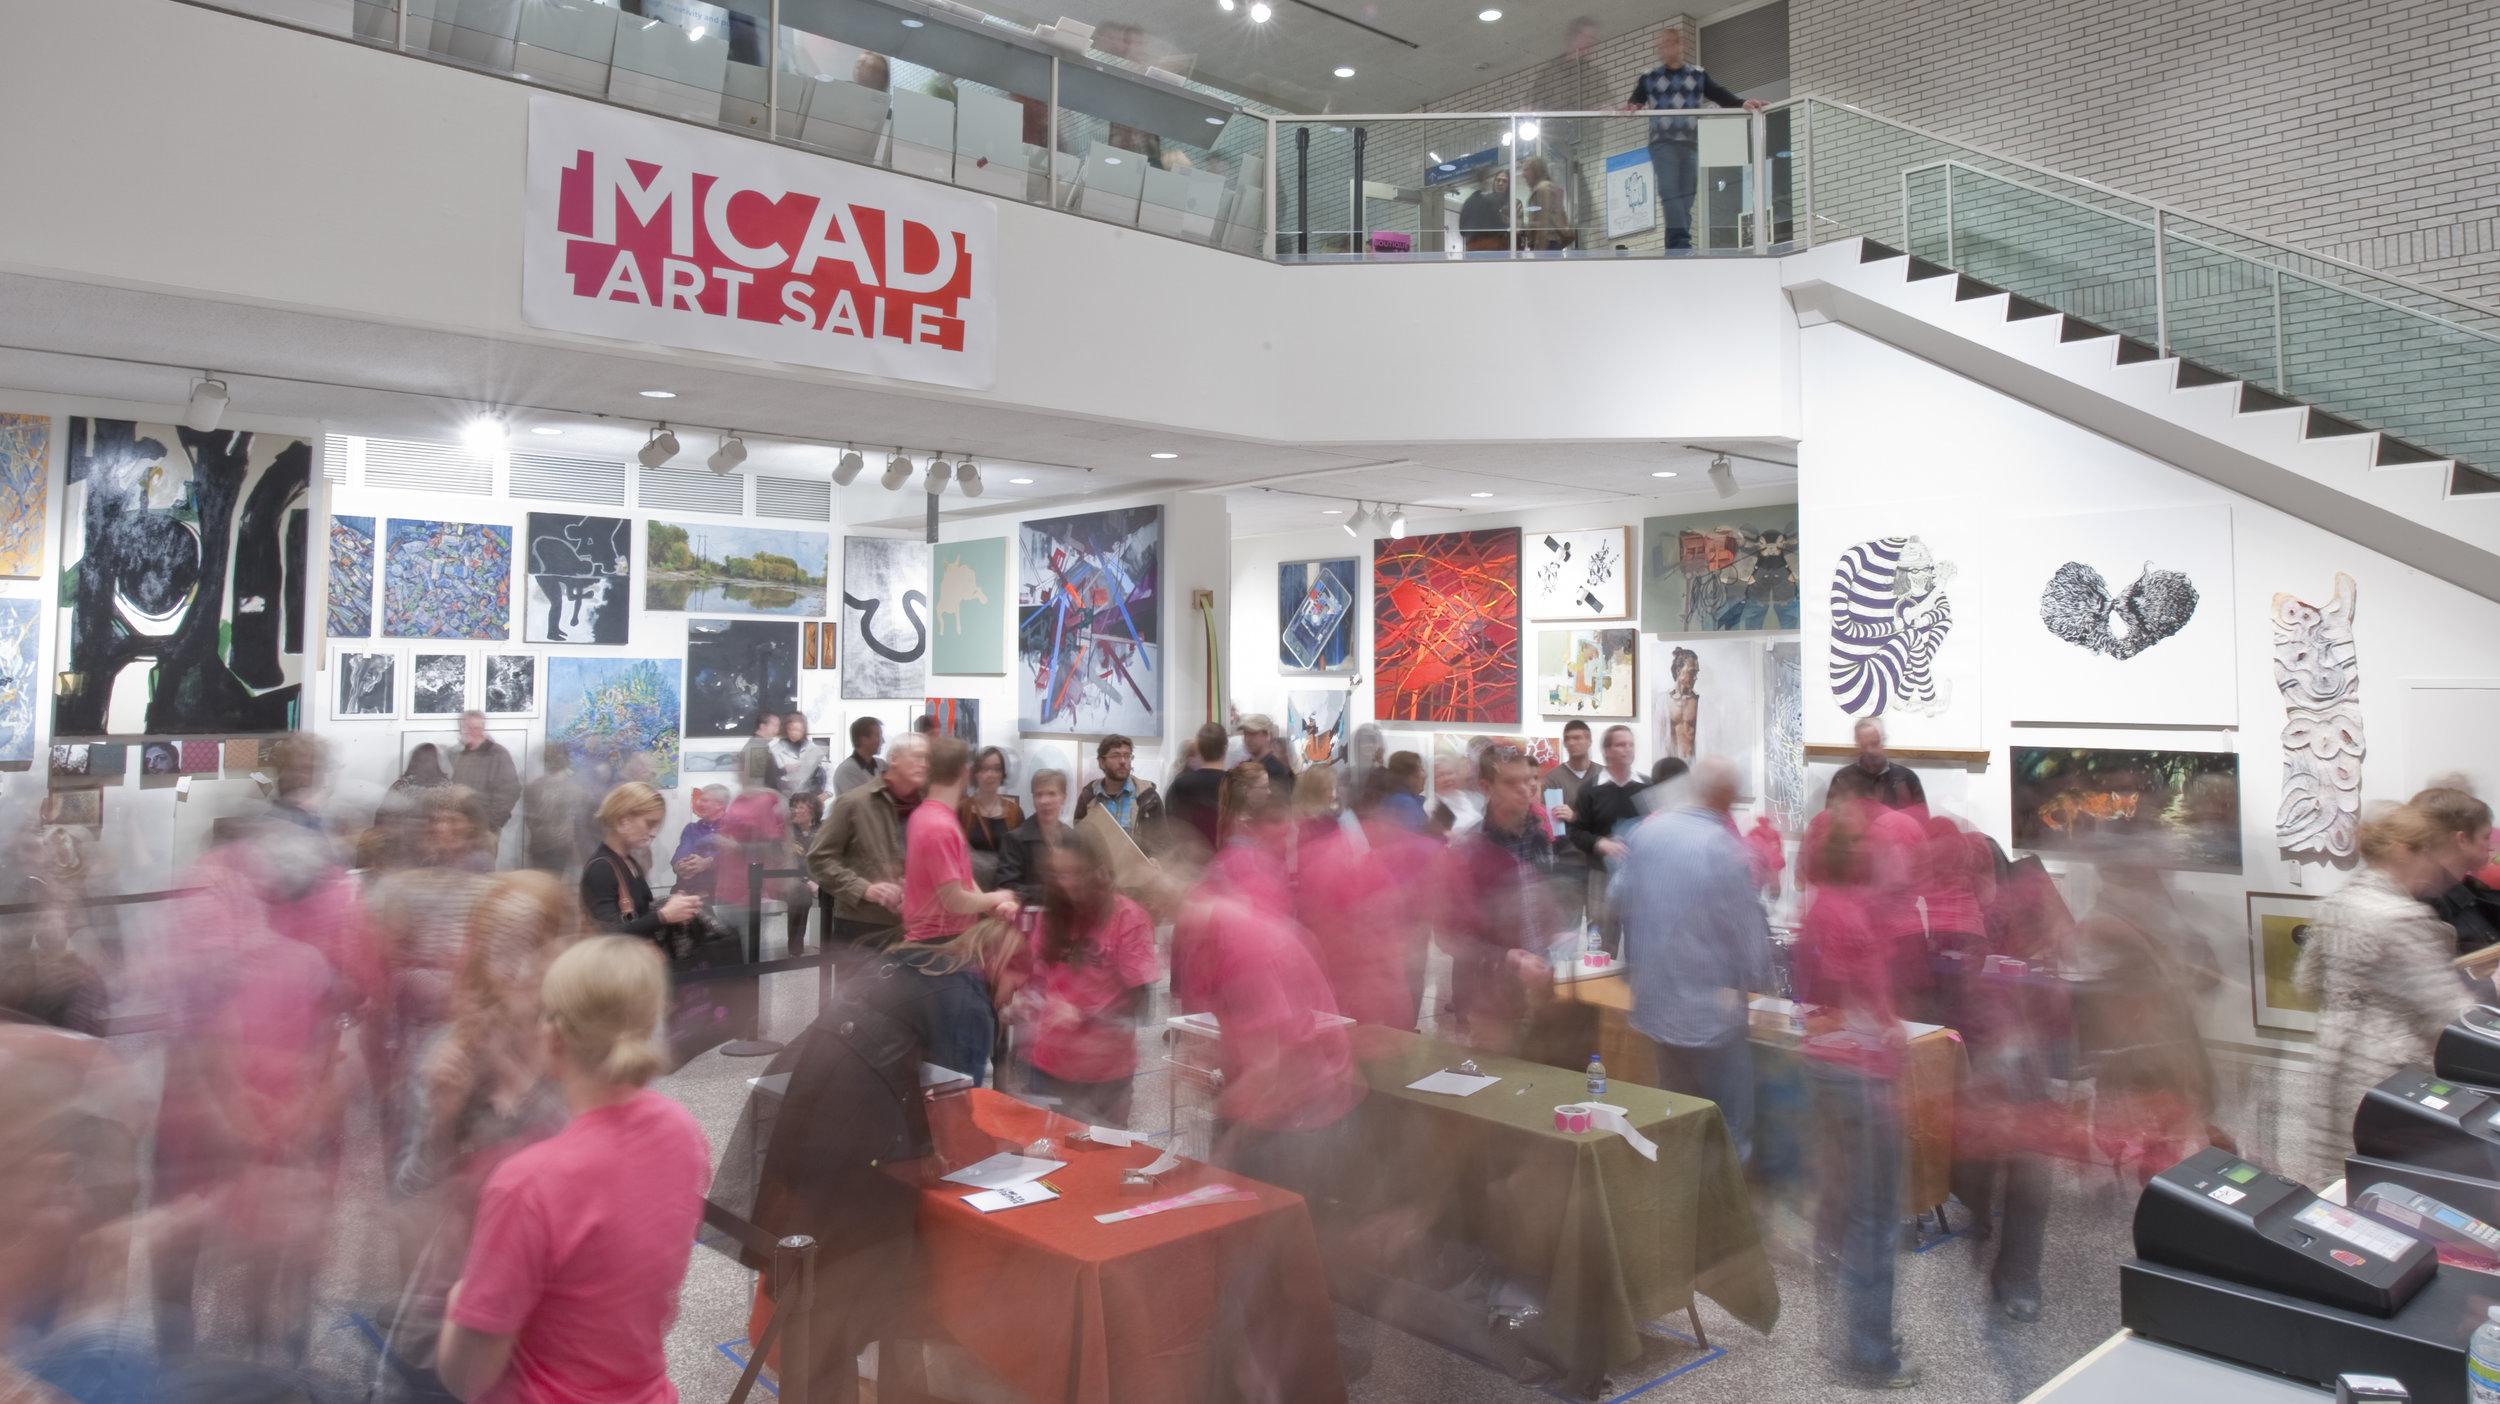 204_mcad_art_sale_2011.jpg.crop_display.jpg